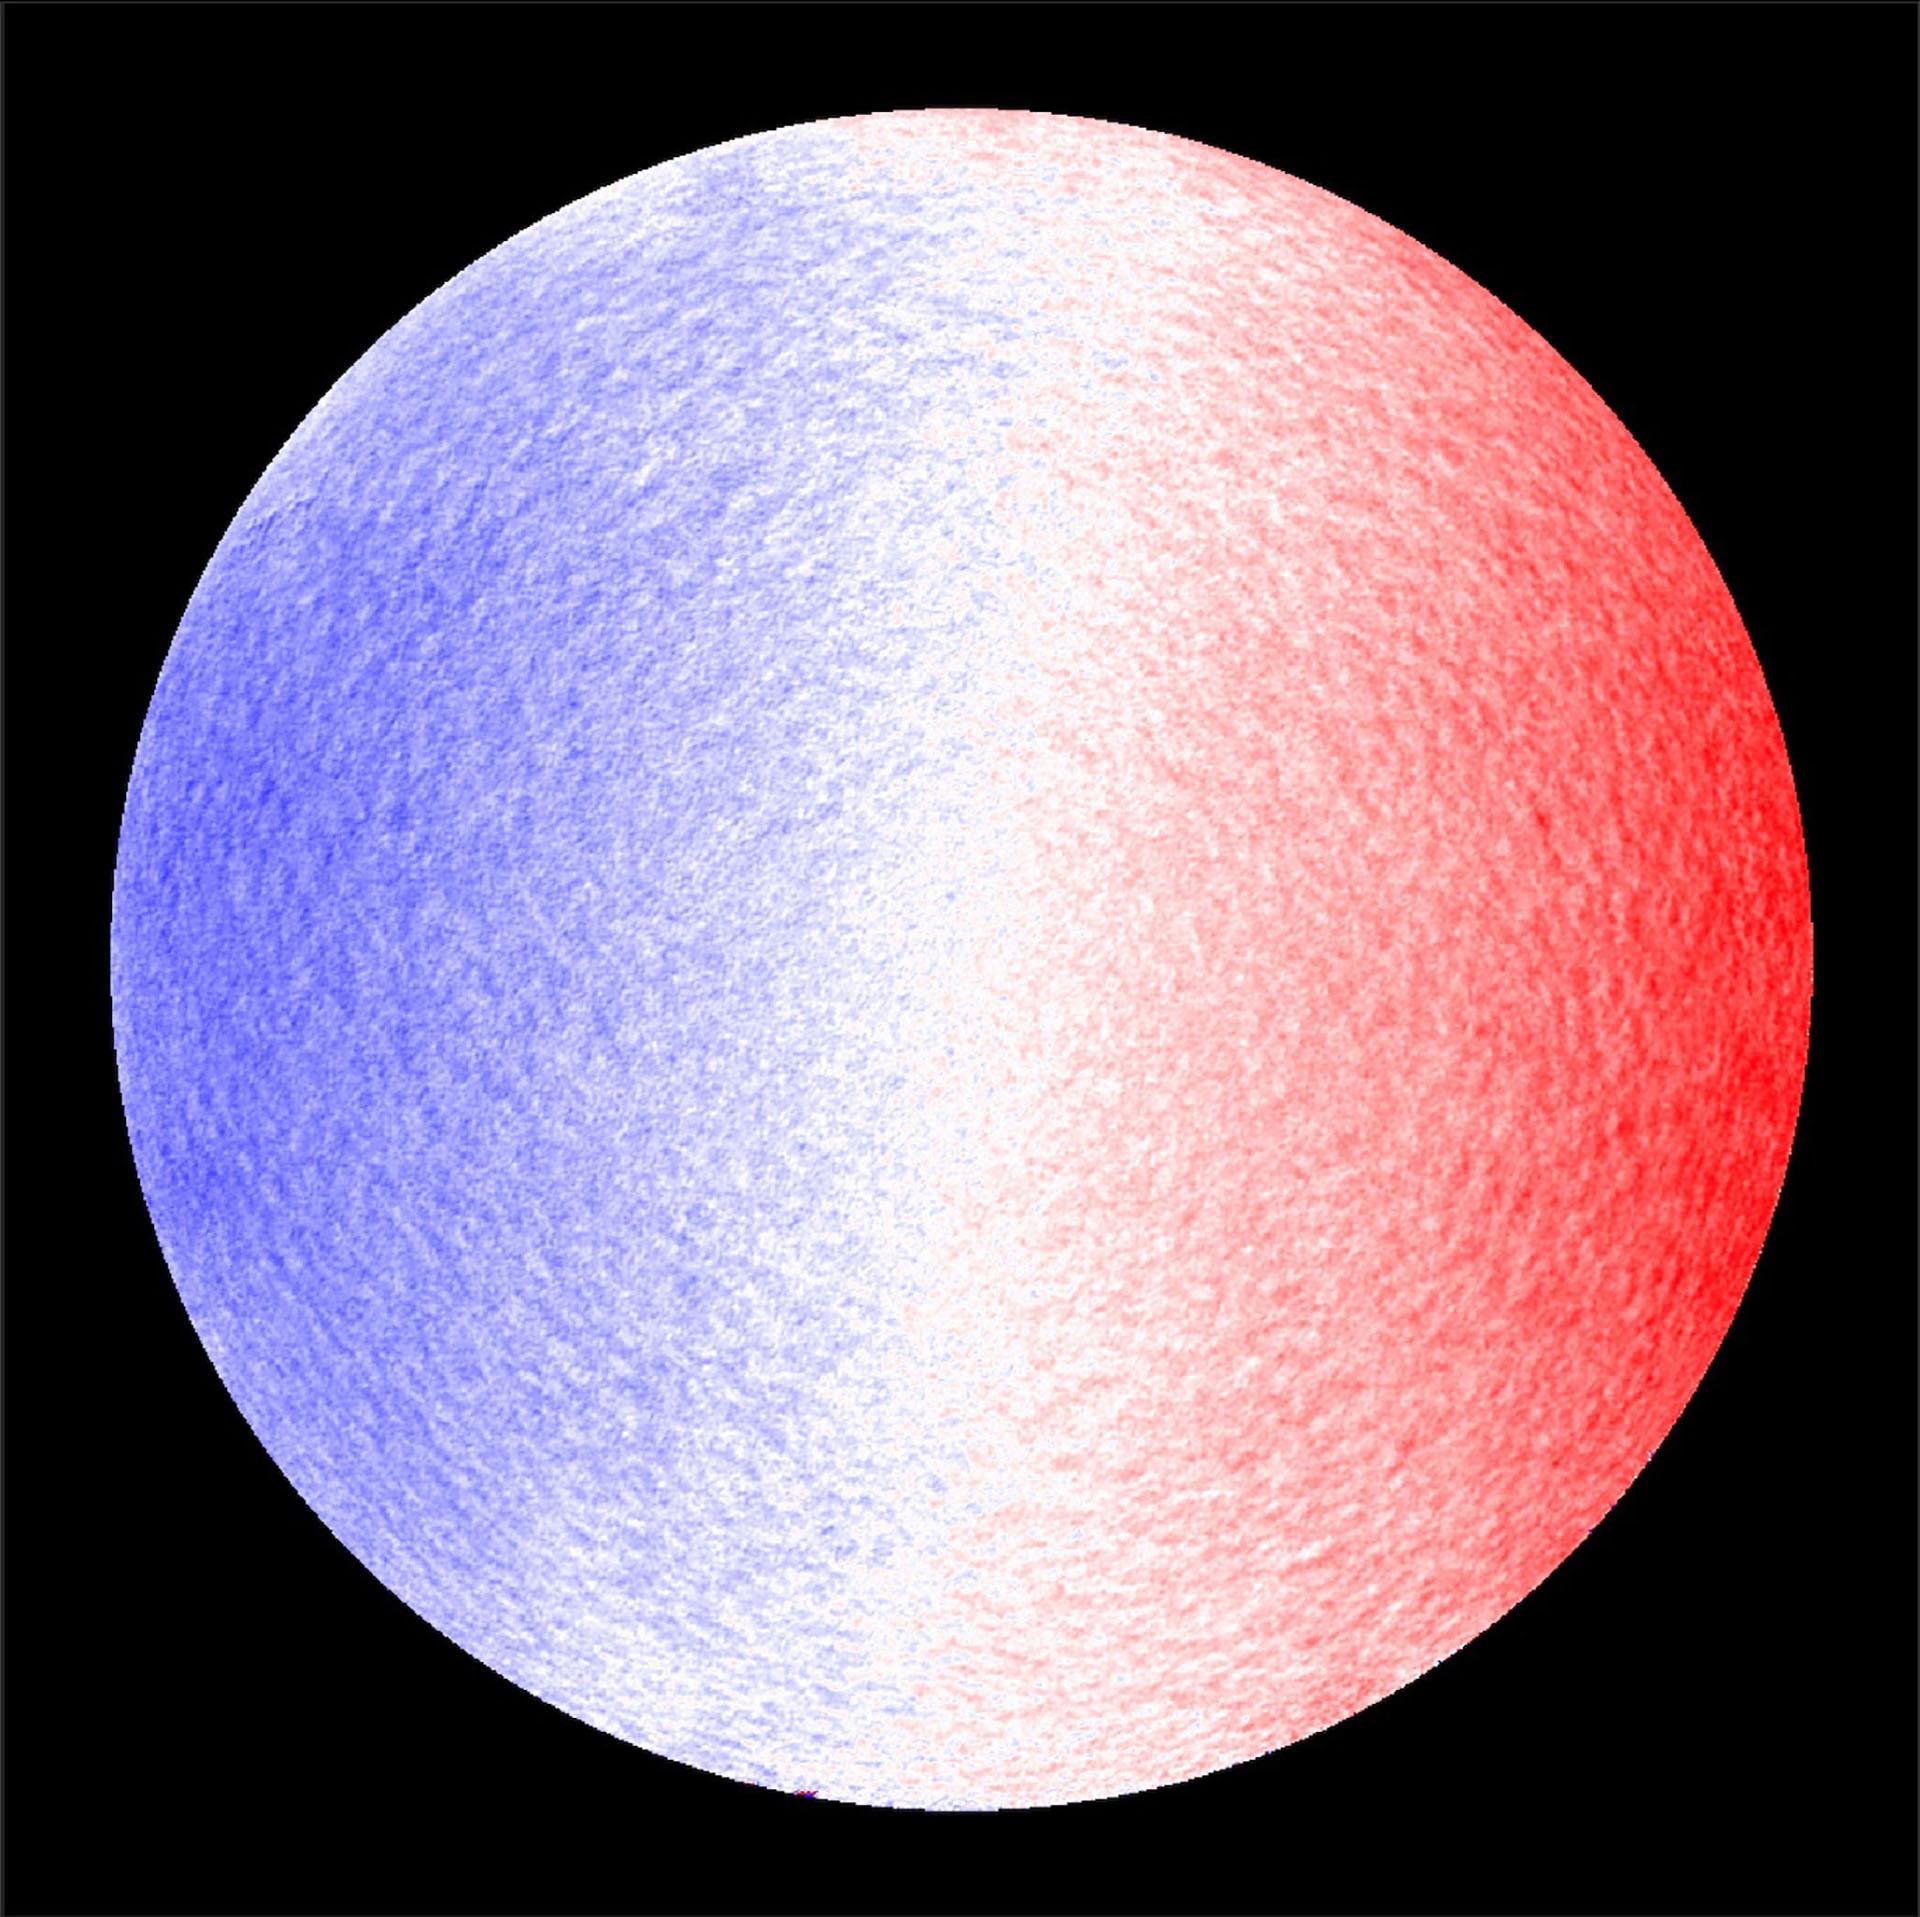 La imagen muestra la velocidad de la línea de visión del Sol, con el lado azul girando hacia nosotros y el lado rojo alejándose. El Solar Orbiter es una misión espacial de colaboración internacional entre la ESA y la NASA (EFE/EPA/SOLAR ORBITER/PHI TEAM/ESA &)